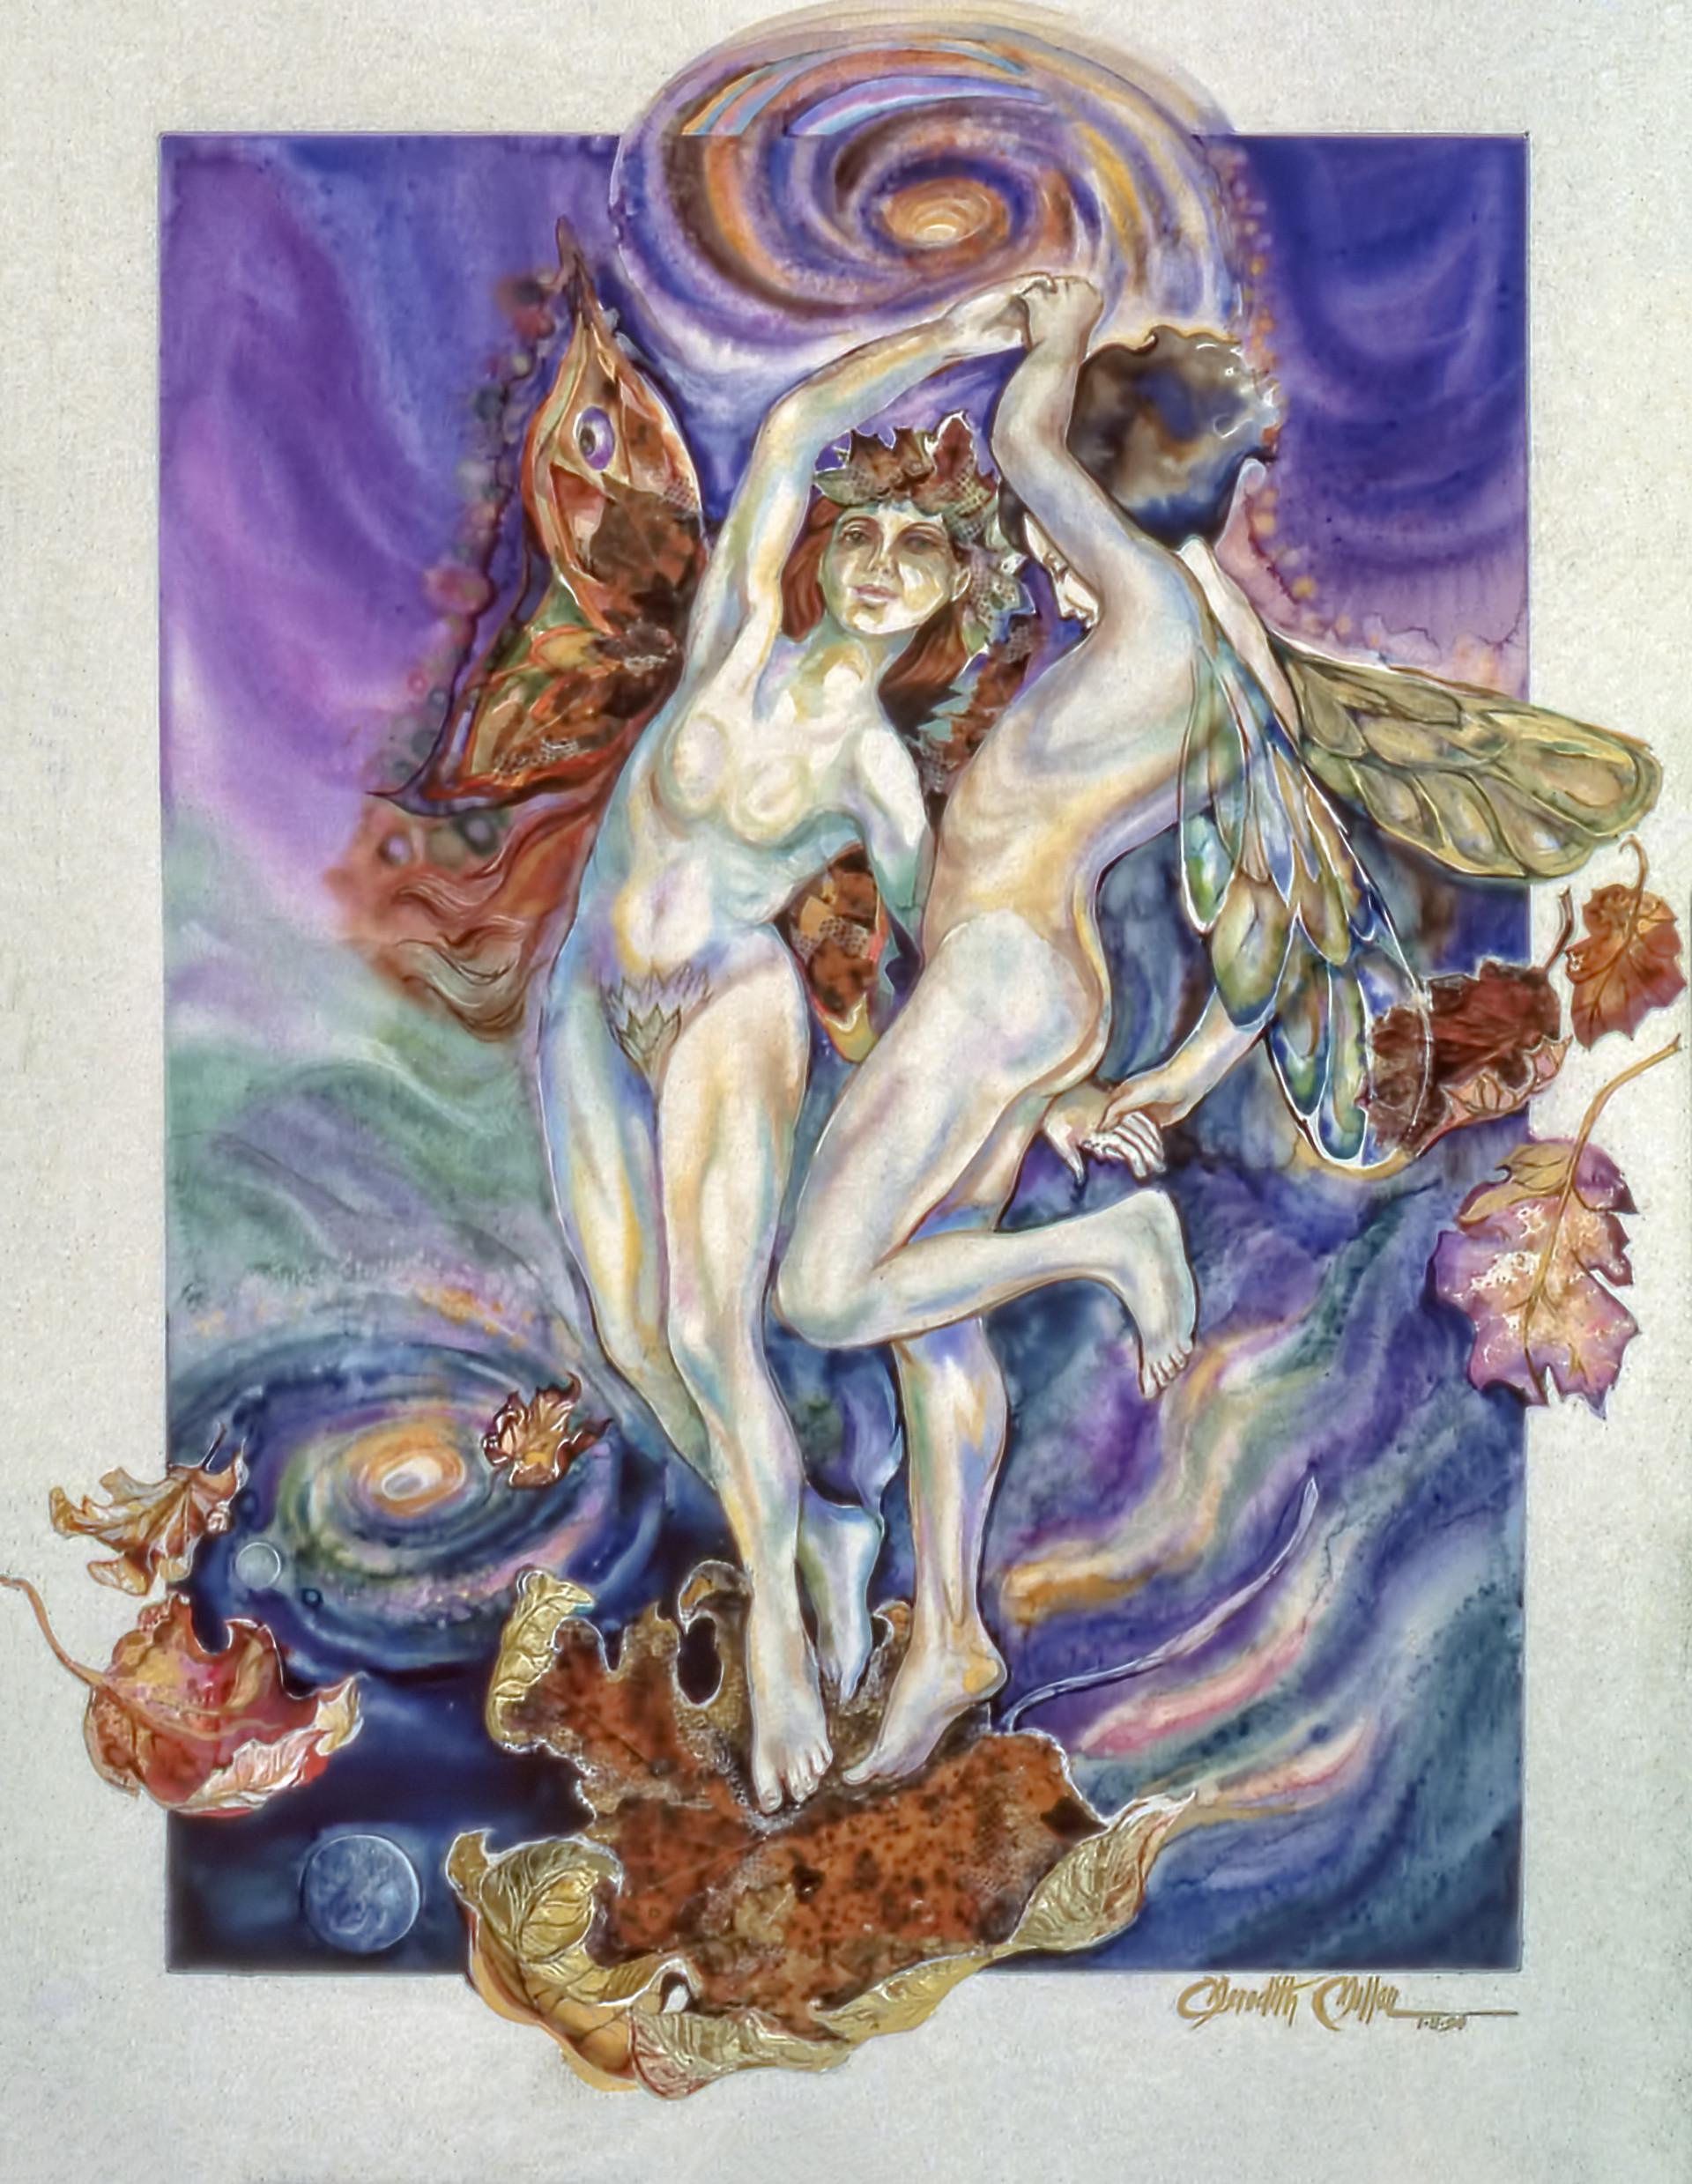 1990 - DANCING THE VORTEXES - Watercolor - 30X40